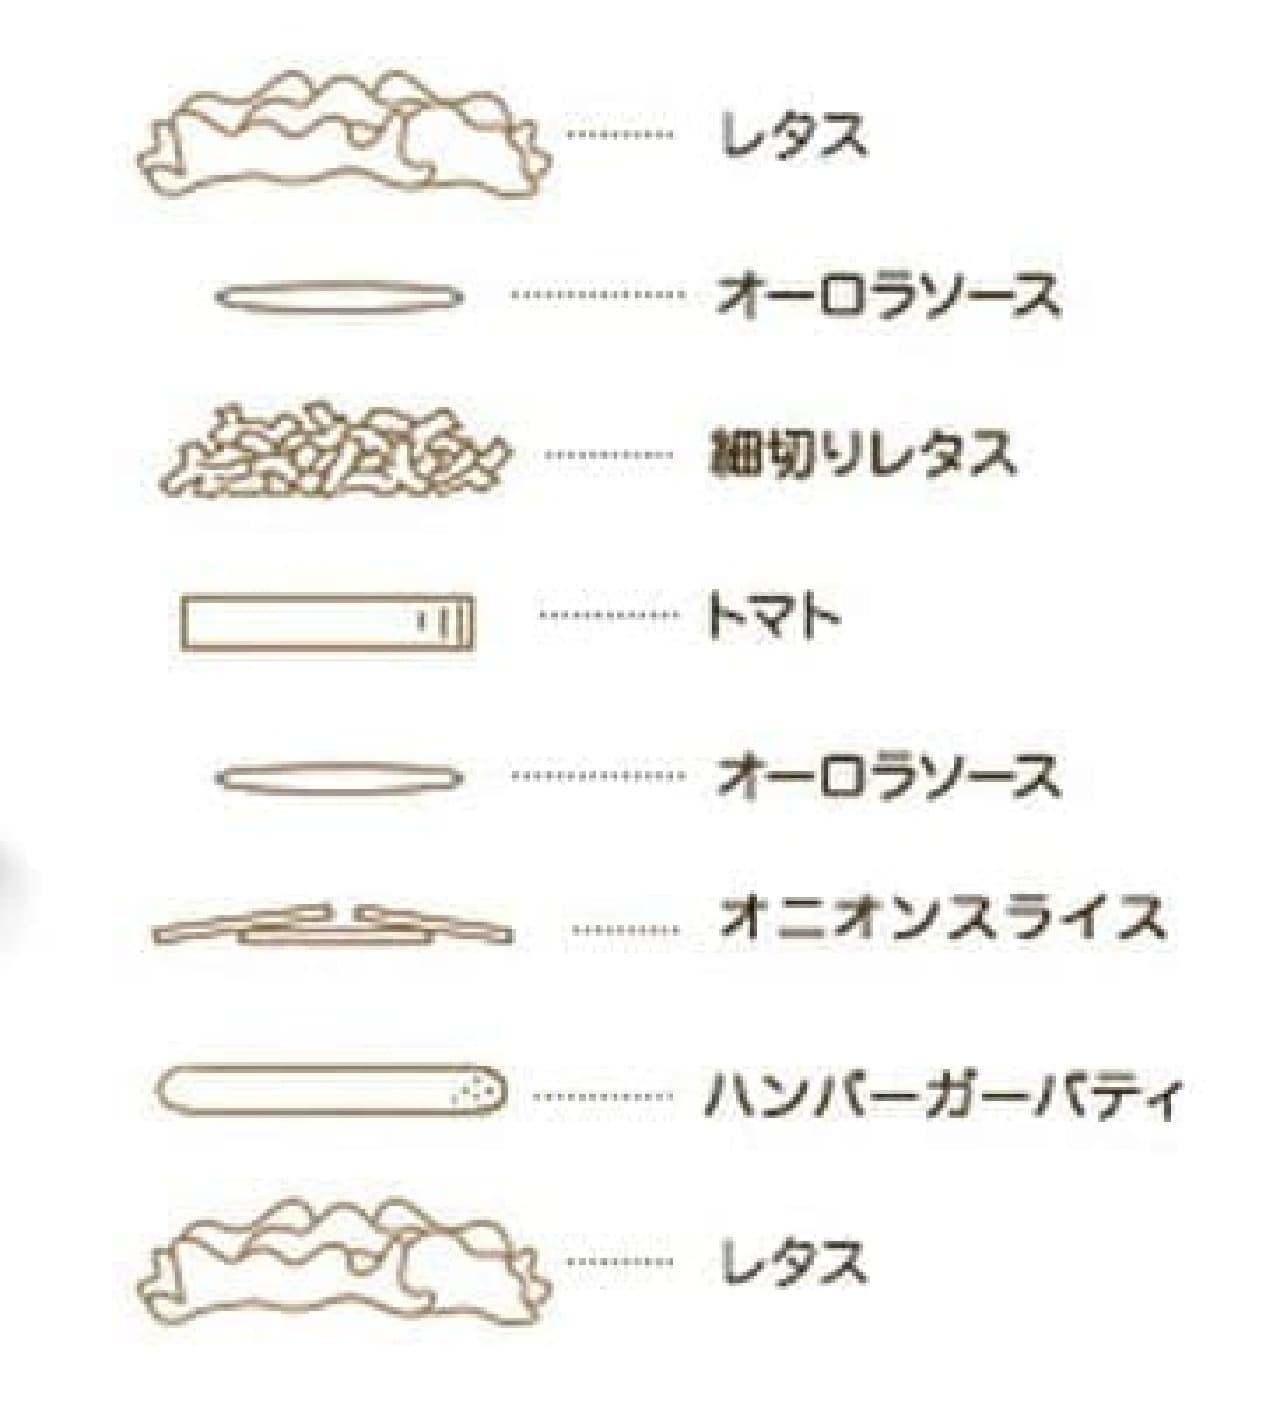 わかりやすい!(出典:公式 Web サイト)